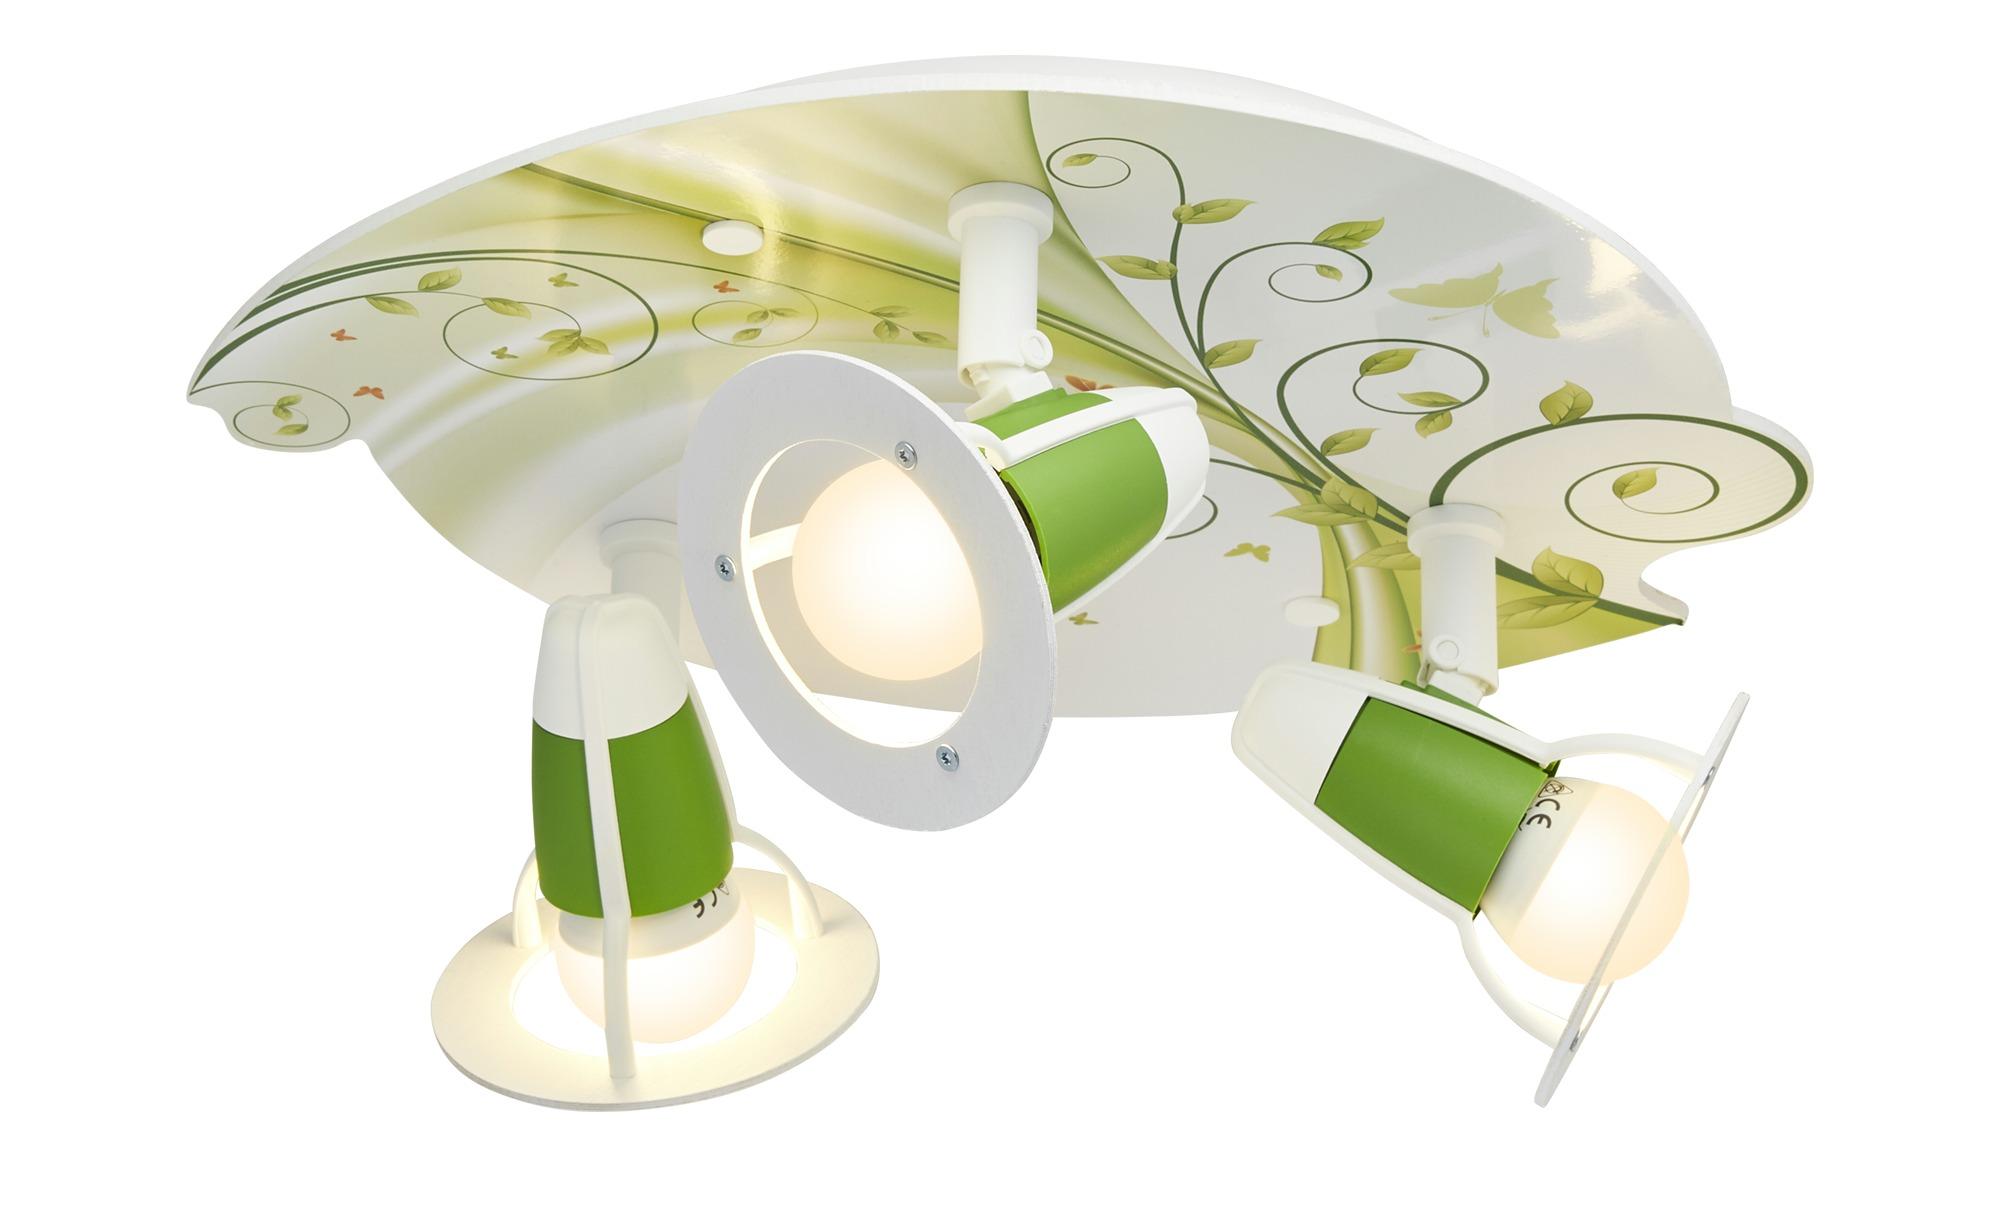 Deckenleuchte, 3-flammig, grün ¦ grün ¦ Maße (cm): H: 20 Ø: 30 Lampen & Leuchten > Innenleuchten > Deckenleuchten - Höffner